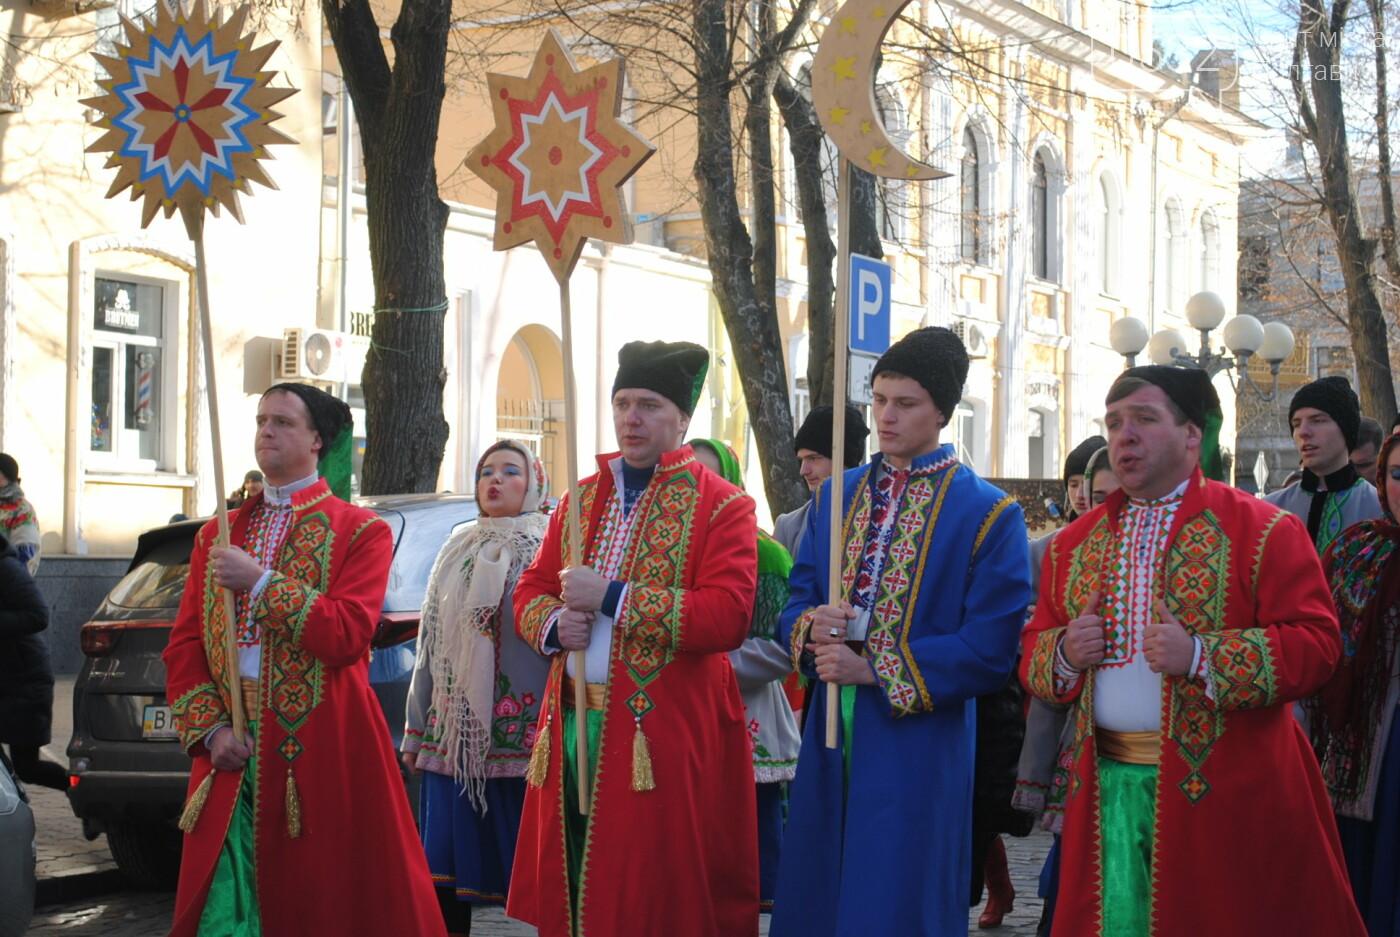 У Полтаві розгорнулося вертепне дійство з колядками та щедрівками «Різдвяна феєрія» (ФОТО), фото-6